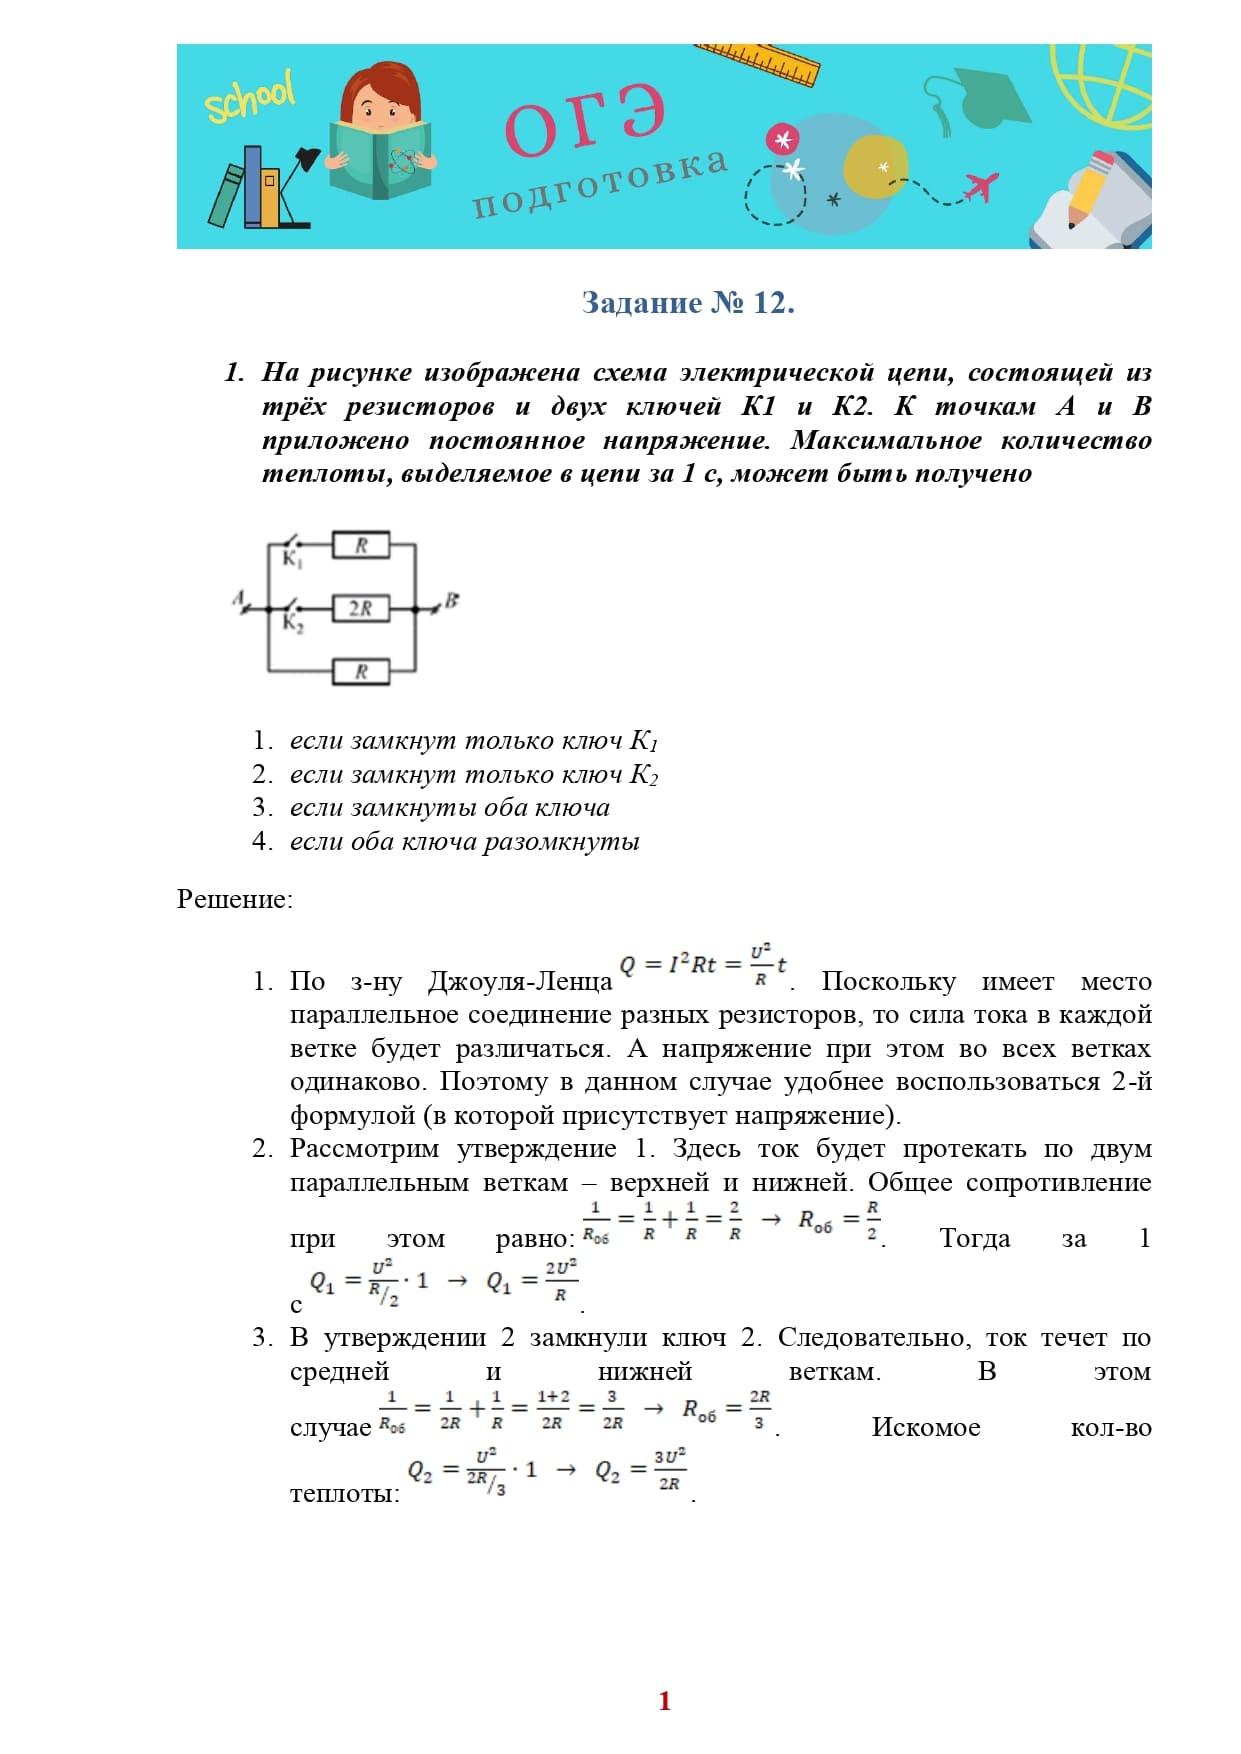 ОГЭ подготовка задание 12 физика 9 класс страница 1